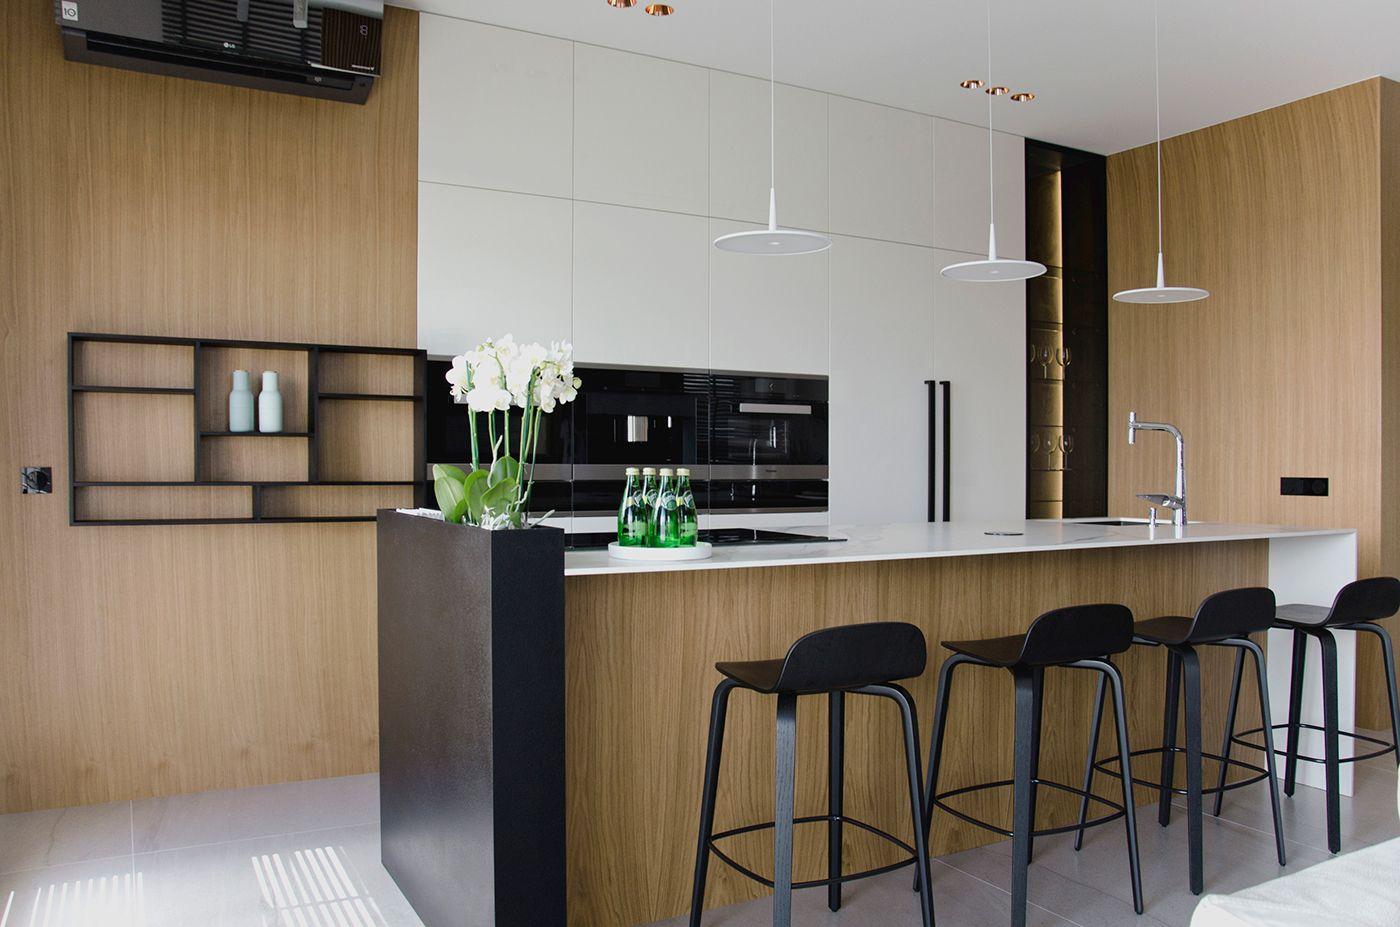 Jak zagospodarować 100 m2 w mieszkaniu? Pracownia Interno Iza ...